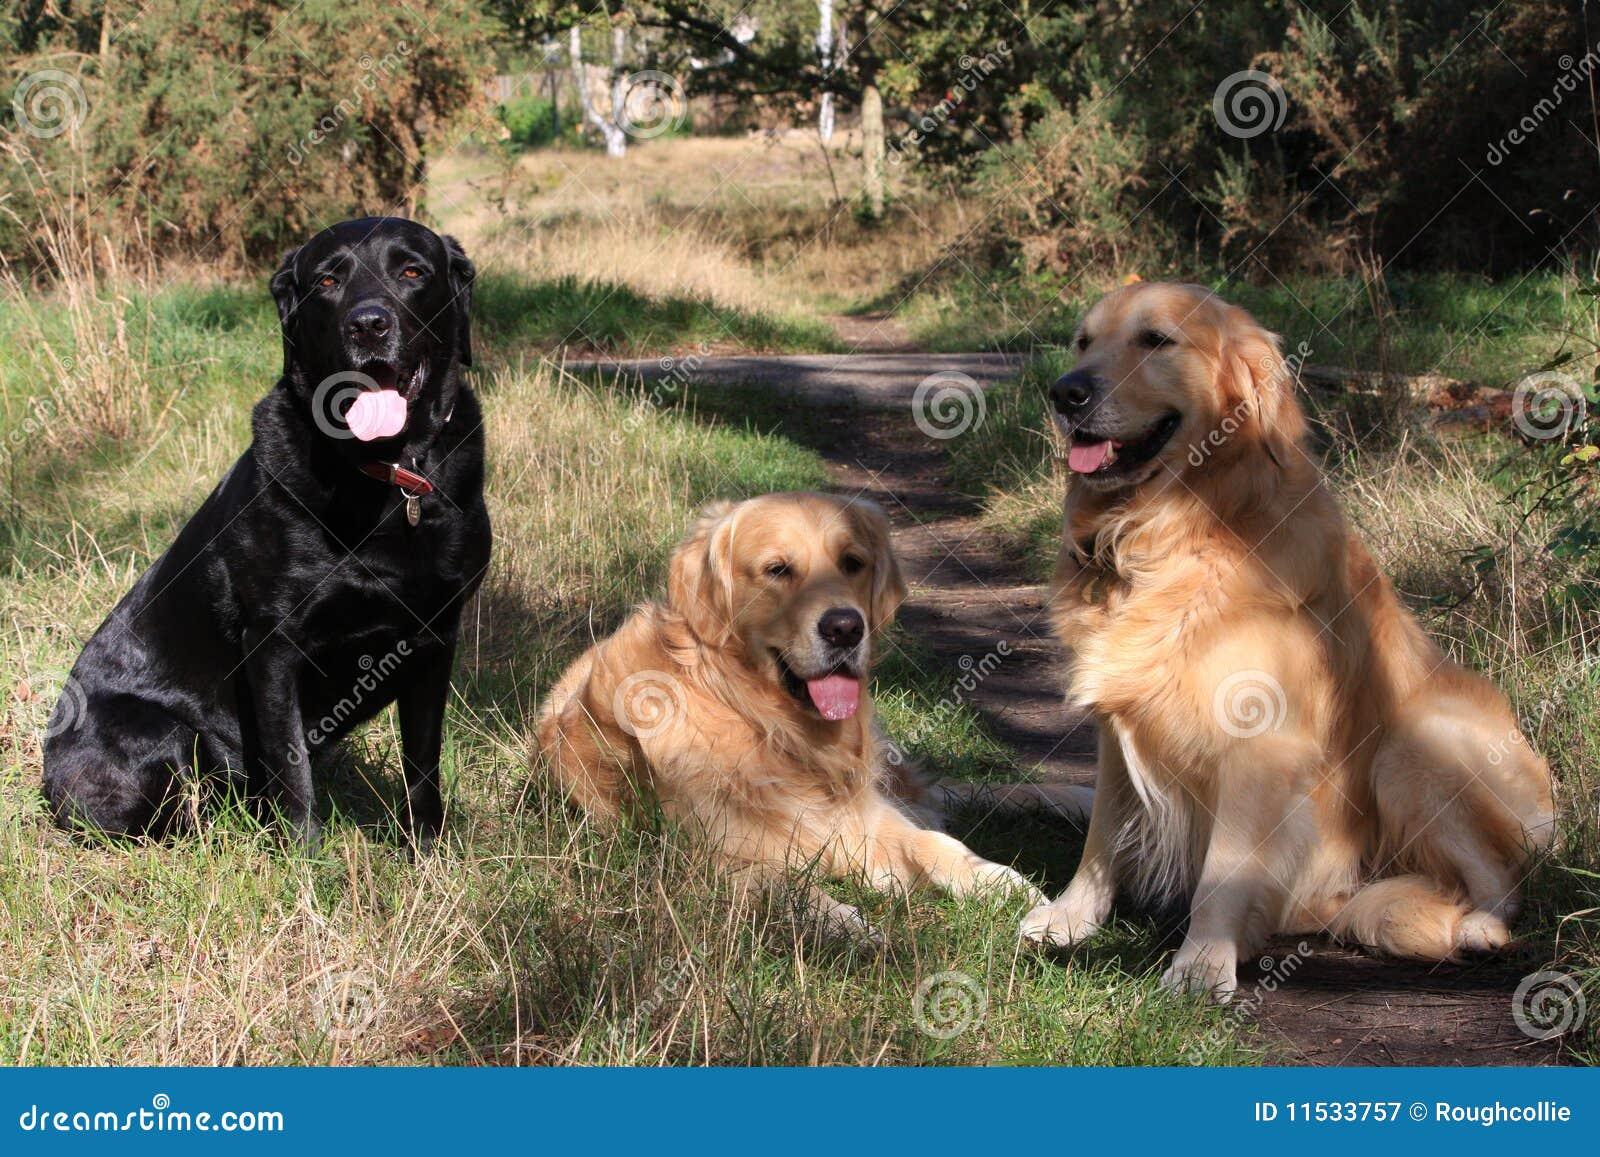 Group of dogs three retrievers